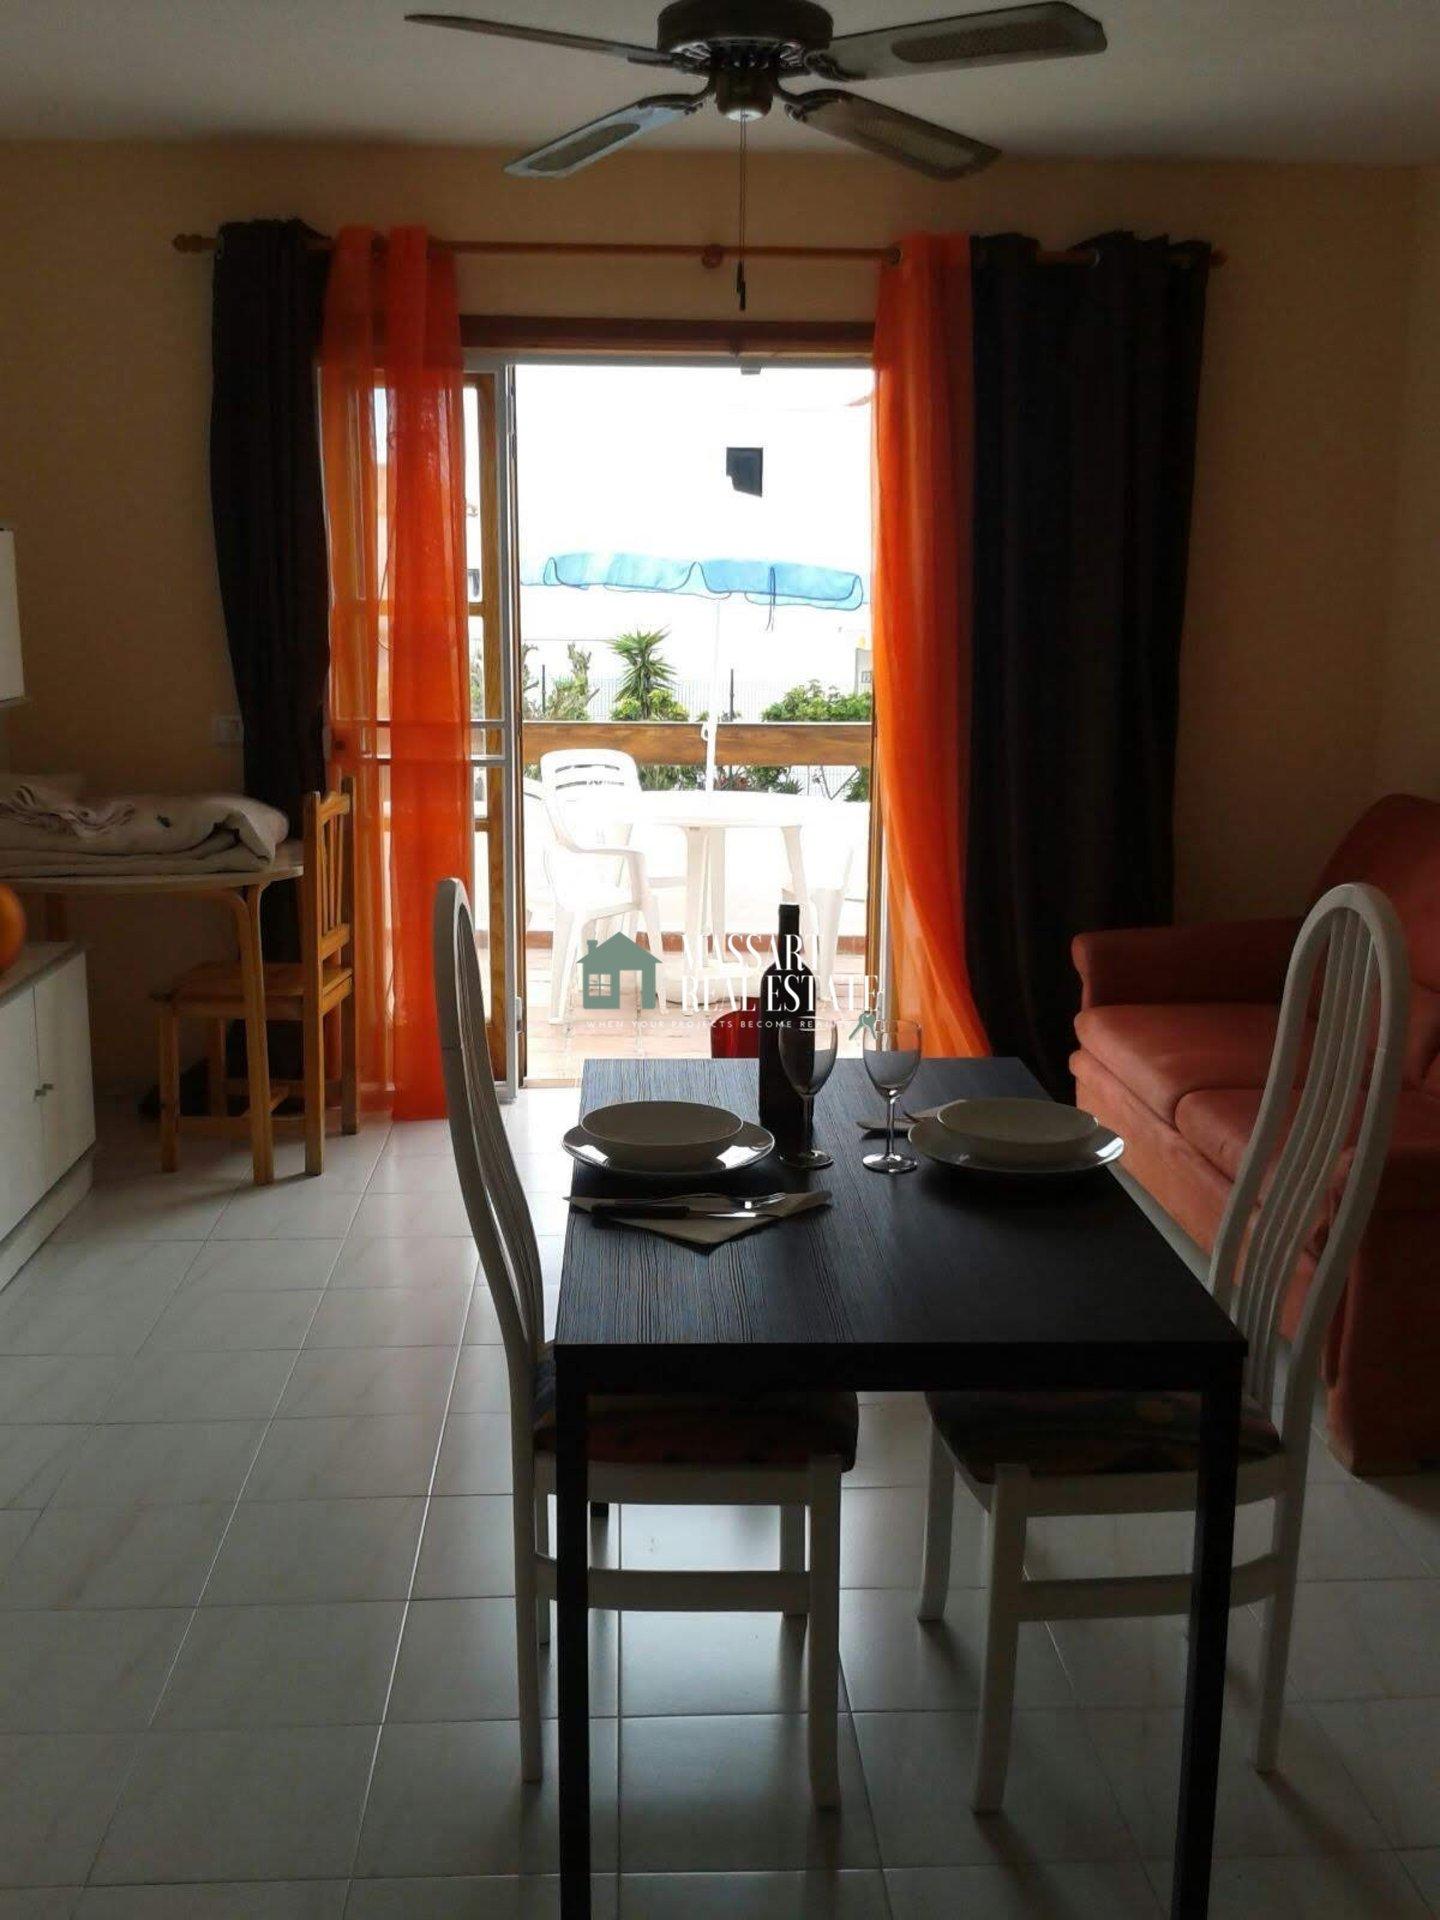 Accogliente monolocale completamente arredato situato a Los Cristianos, nel complesso residenziale di Port Royale.